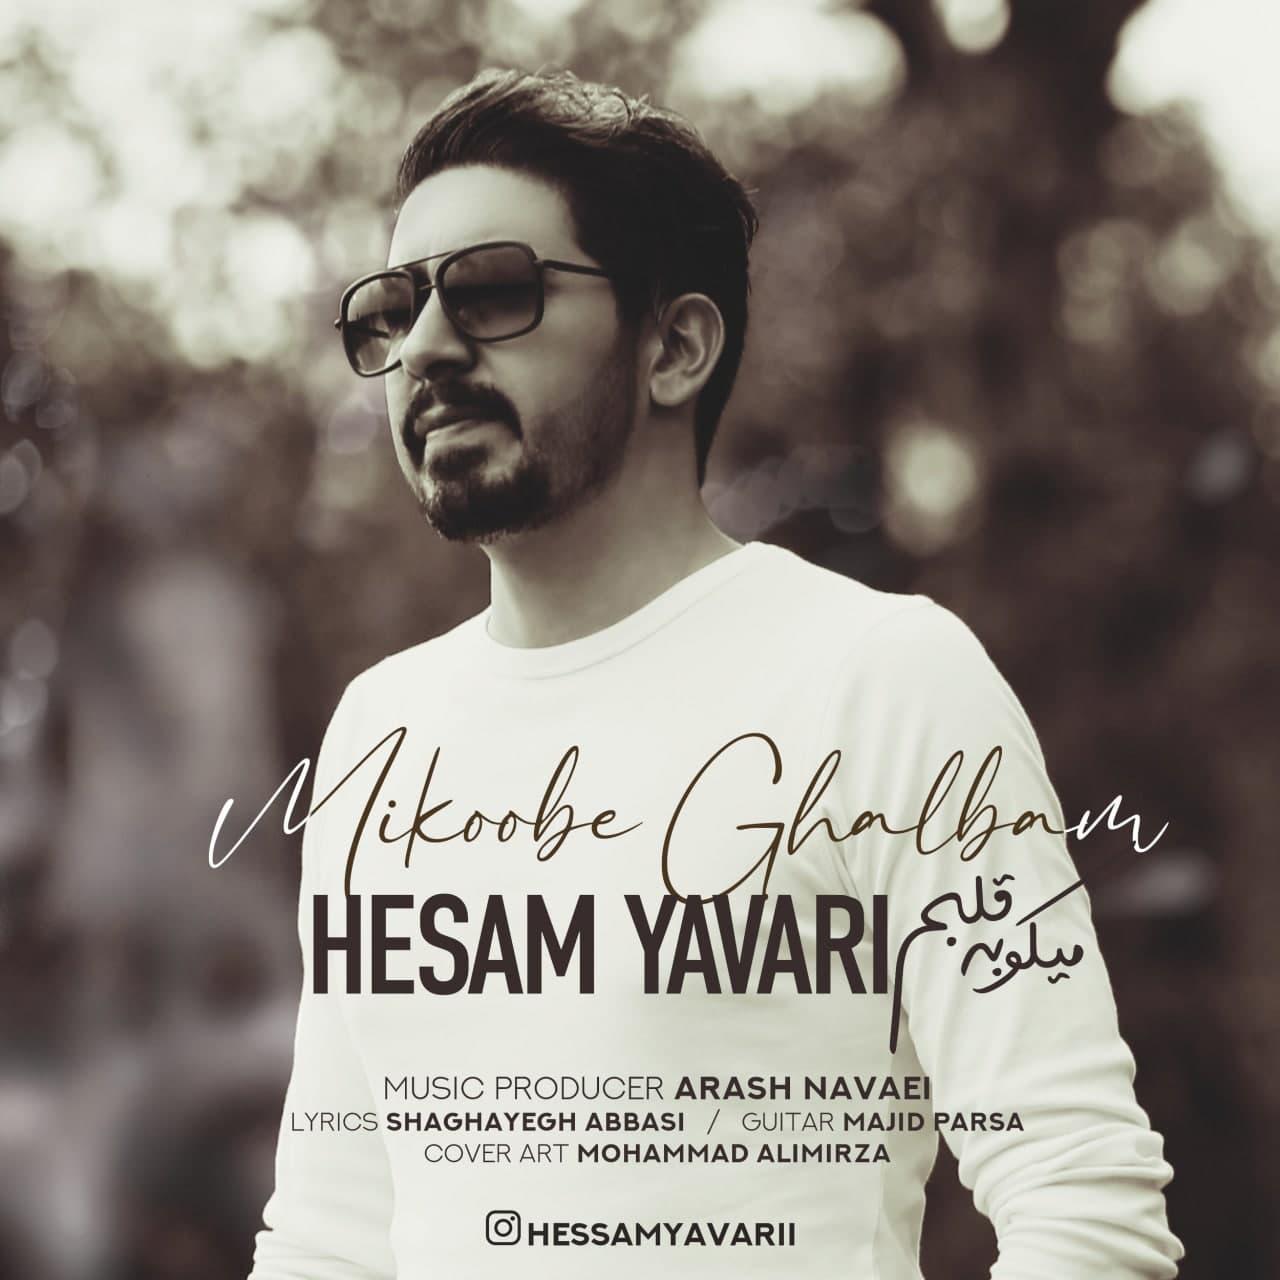 دانلود موزیک جدید میکوبه قلبم از حسام یاوری